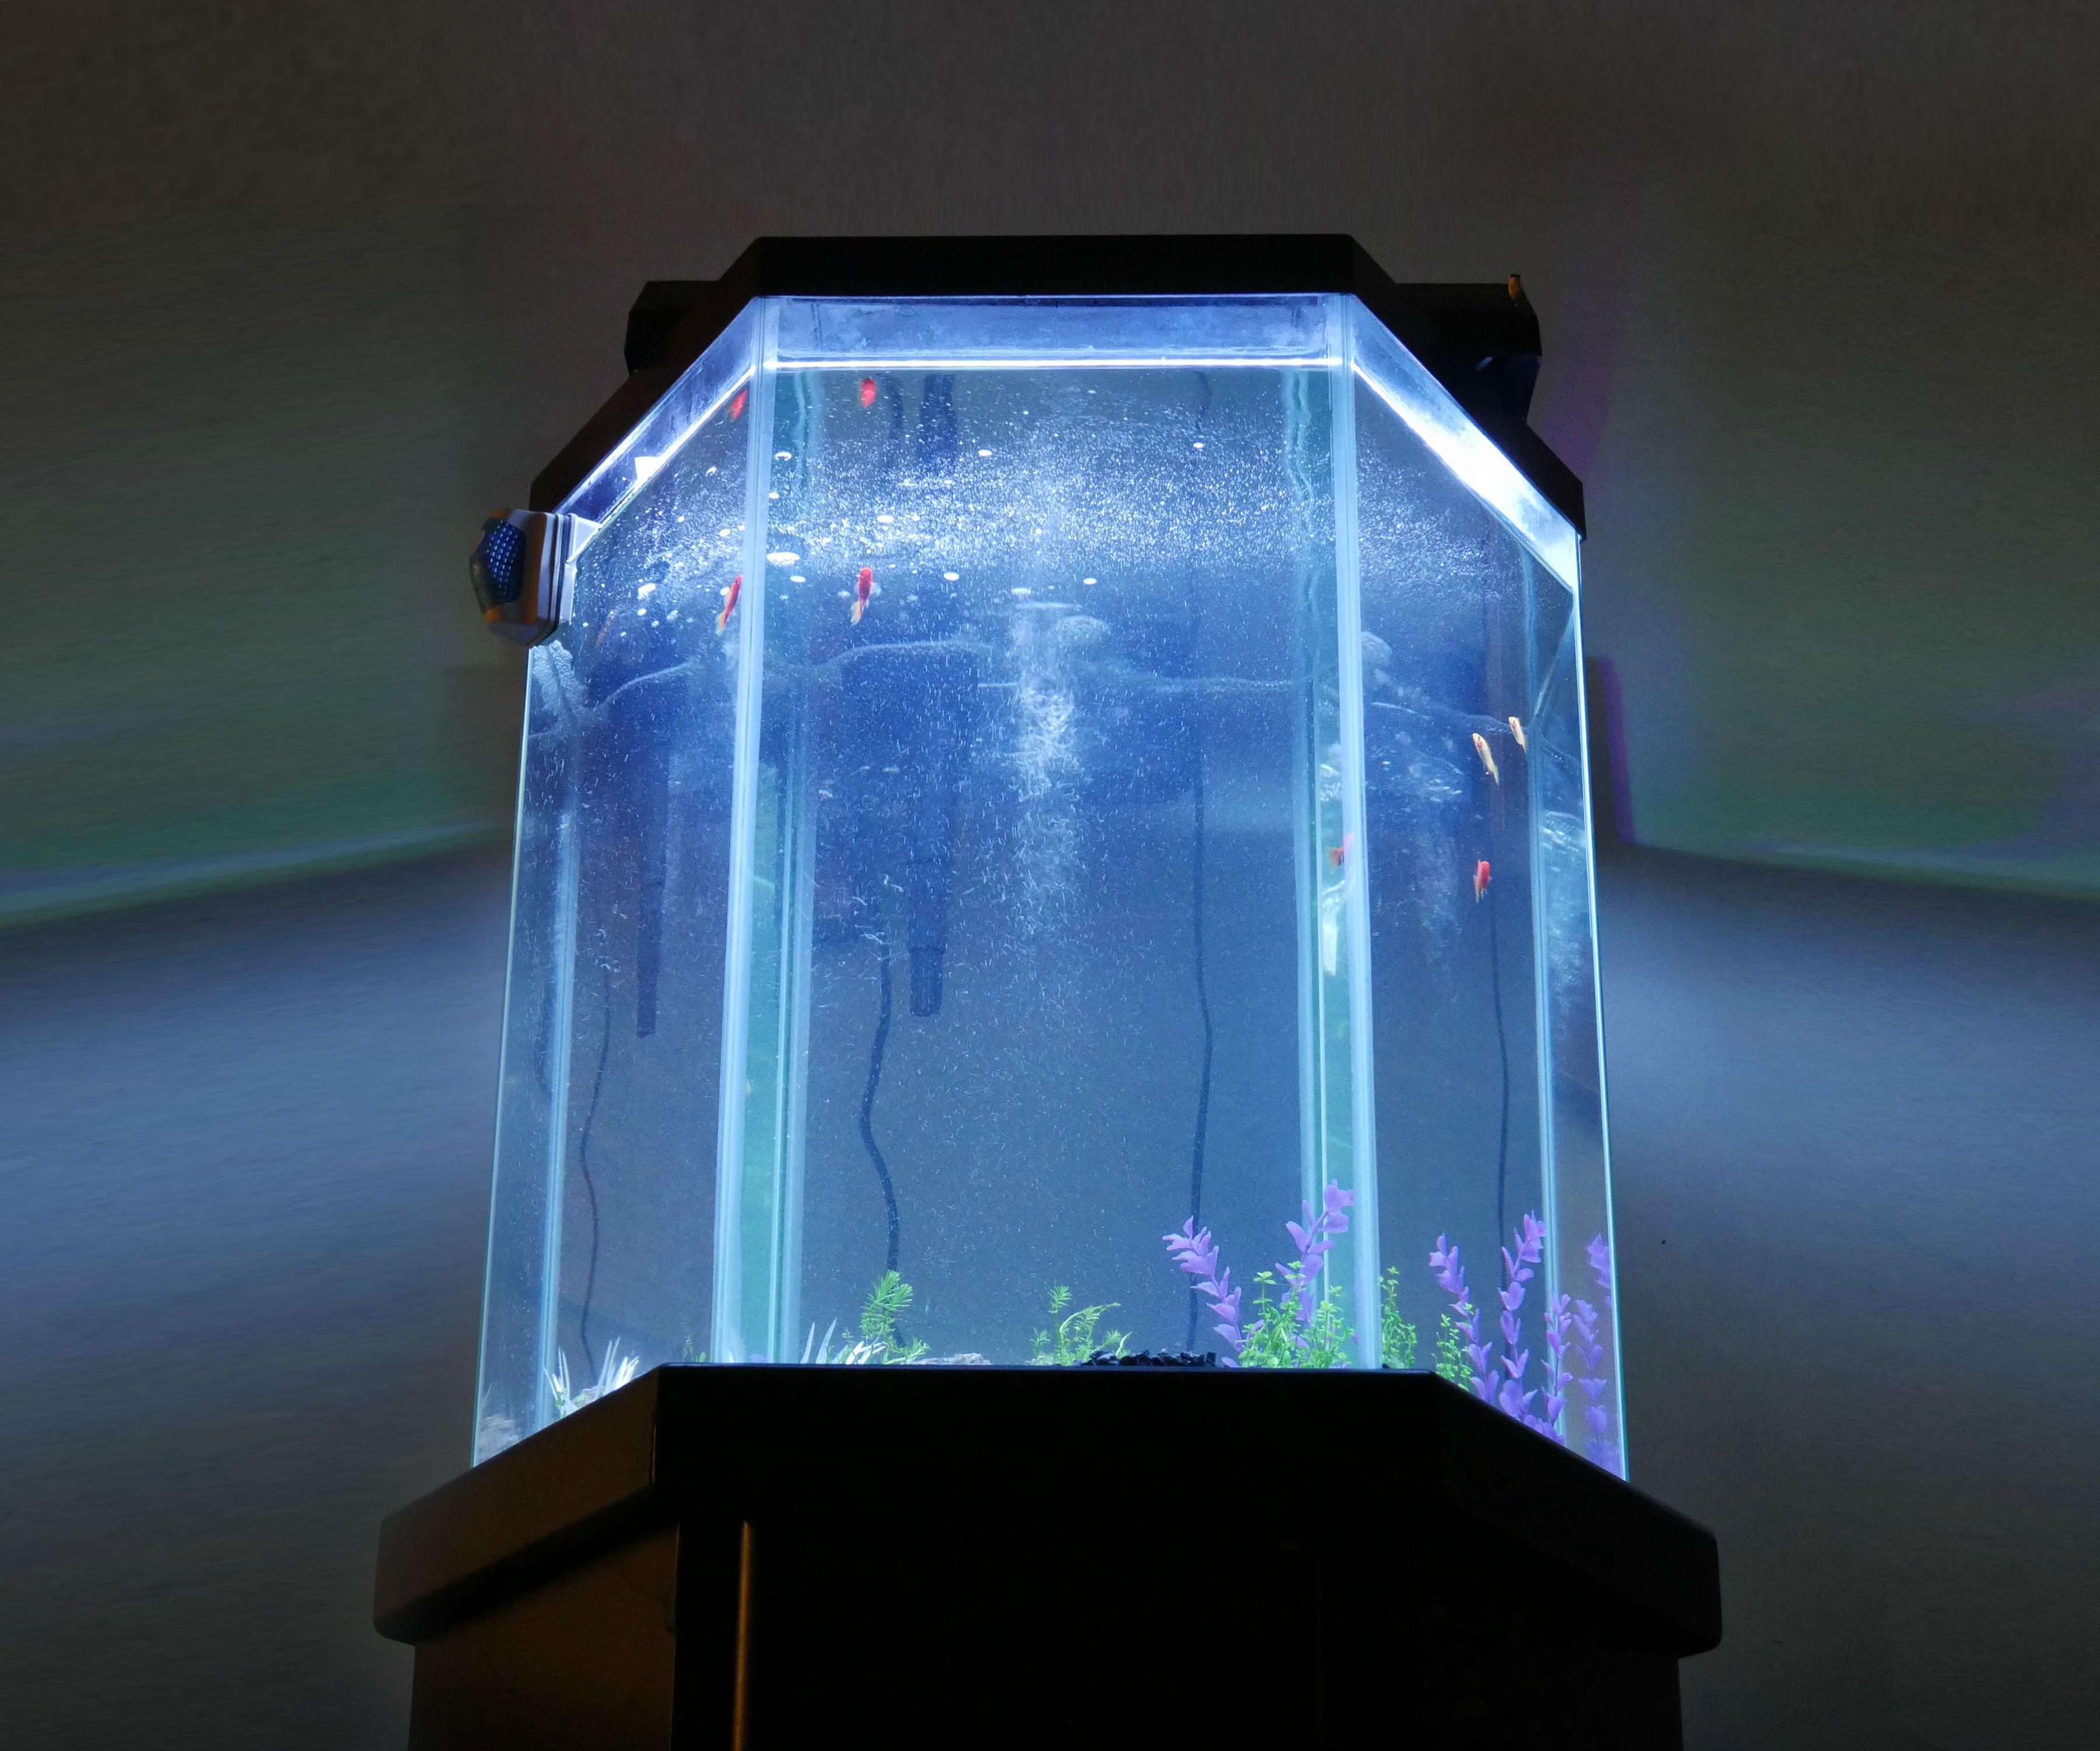 LED Aquarium Lights for Under $10